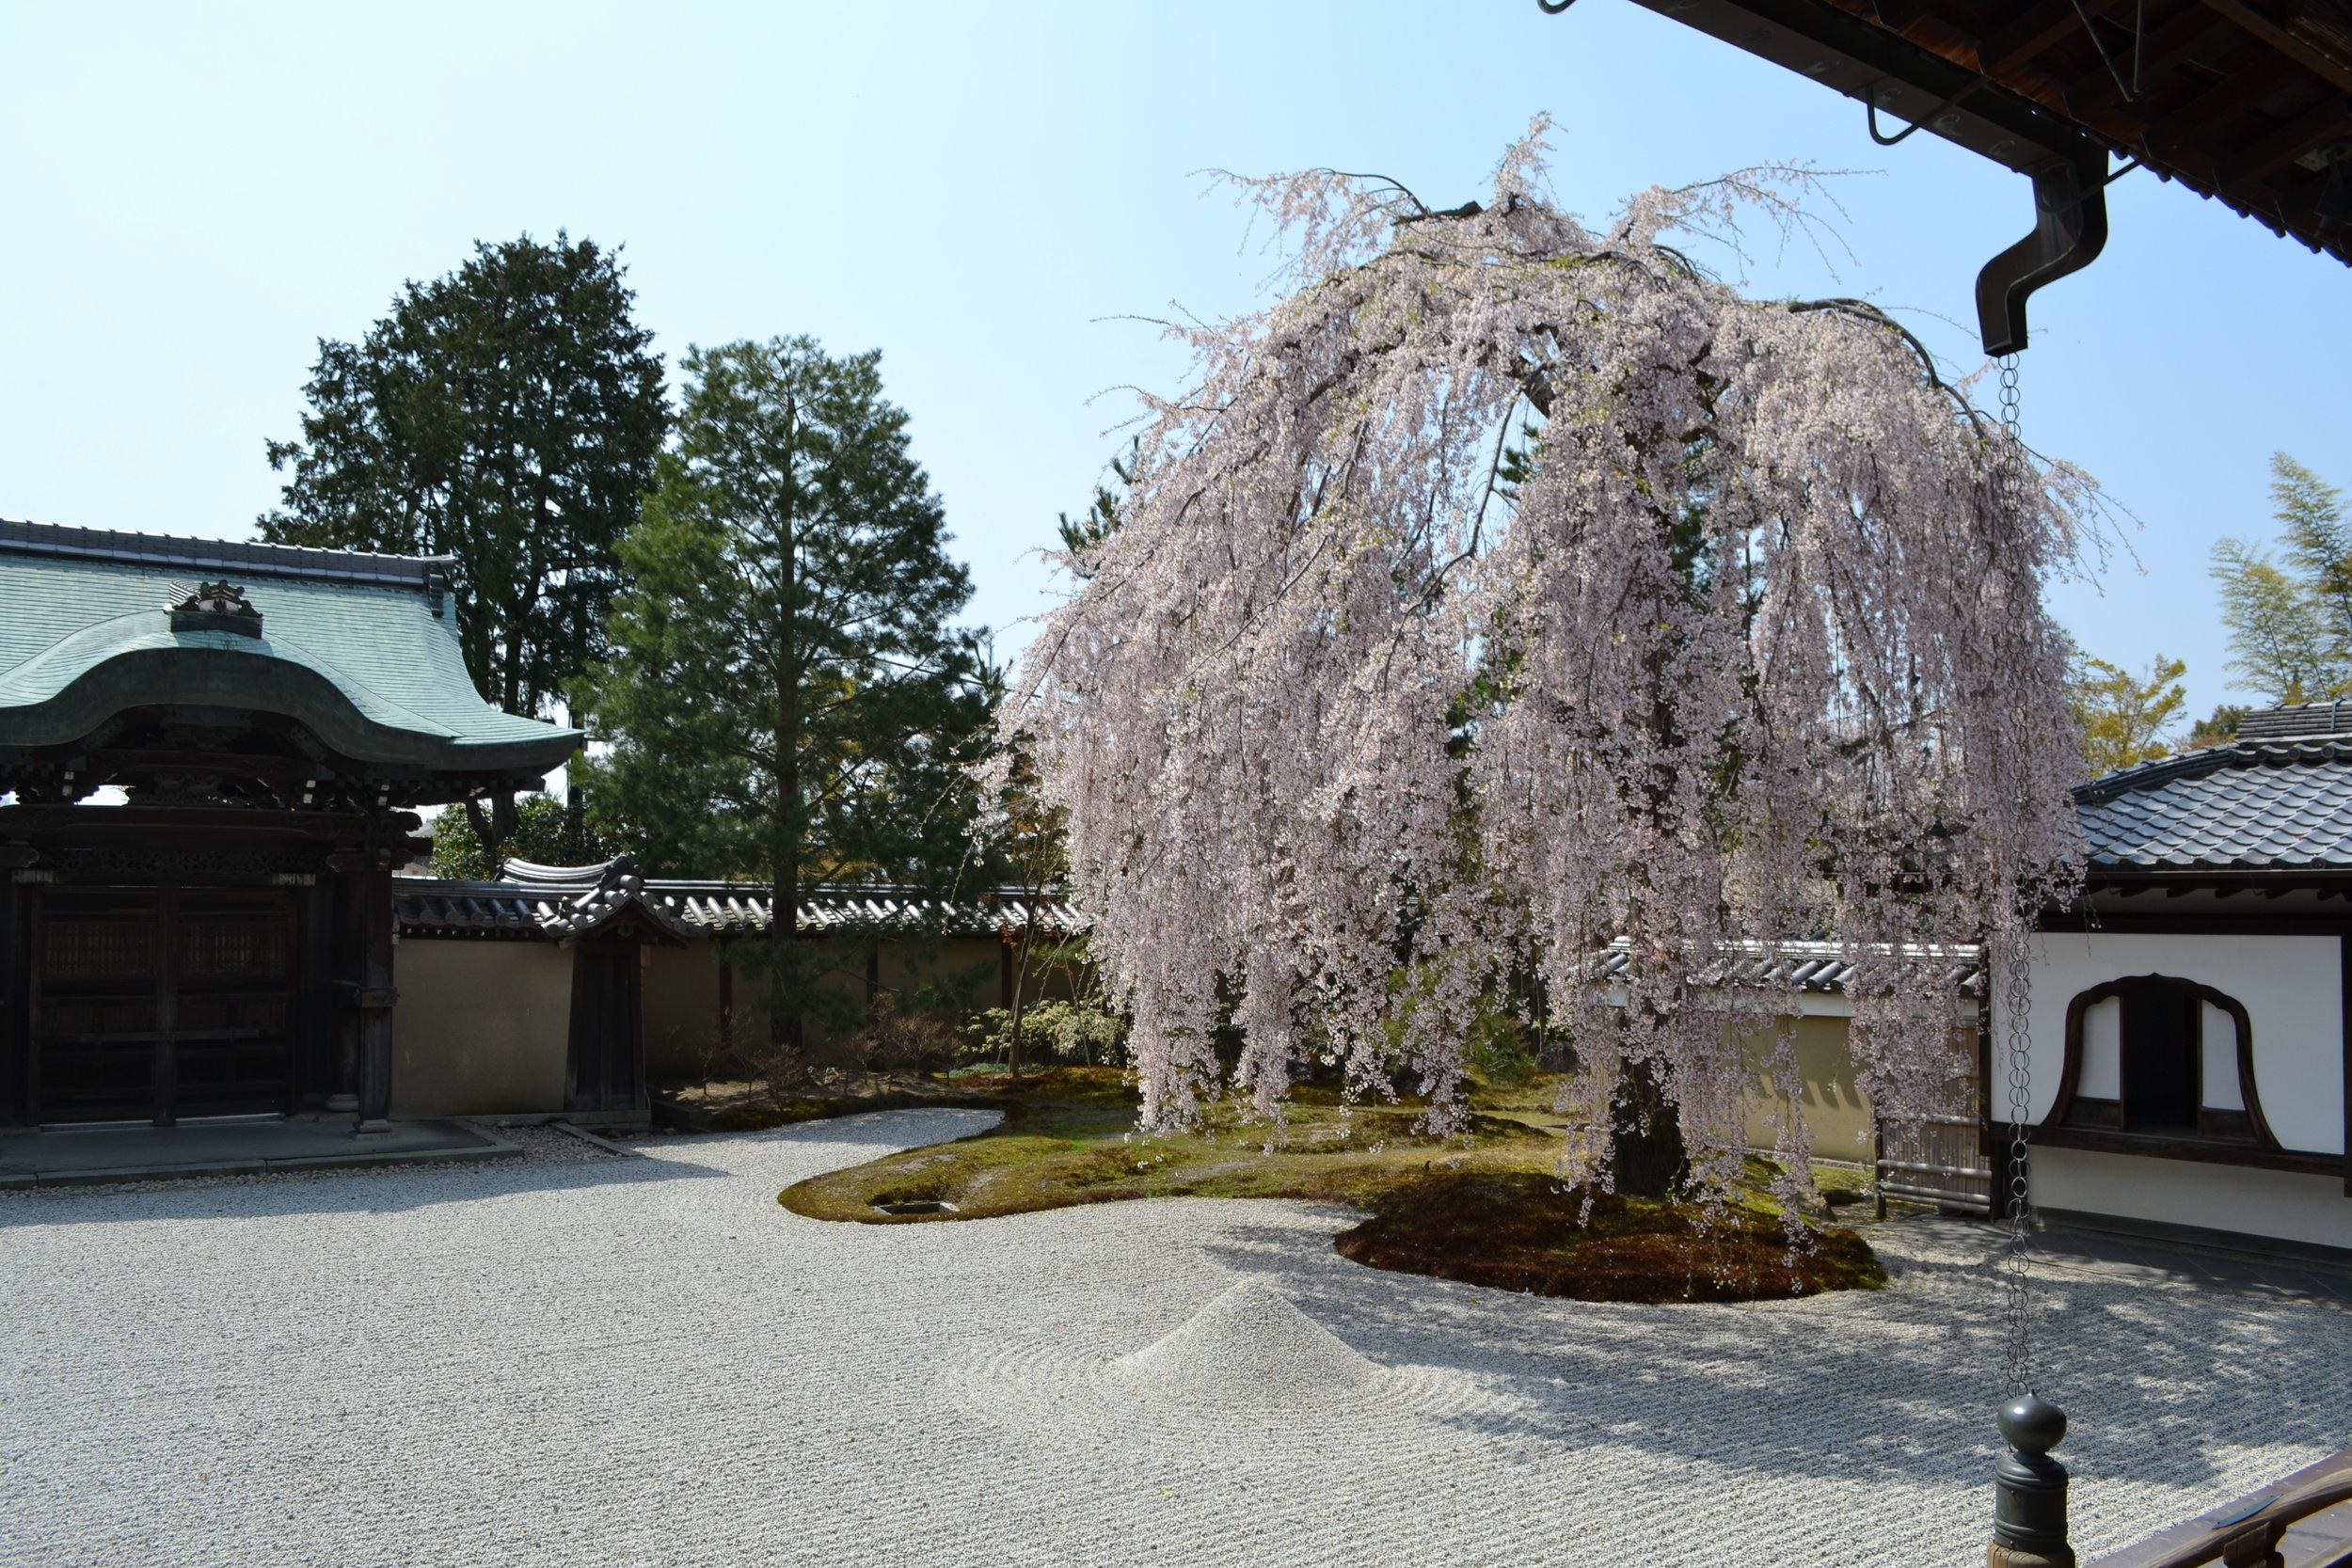 Había una fila para tomar fotos al árbol  shidarezakura , un árbol de sakura llorón, de cerca. Hay diferentes tipos de sakura, pero yo creo que las shidarezakura son los más bonitas.